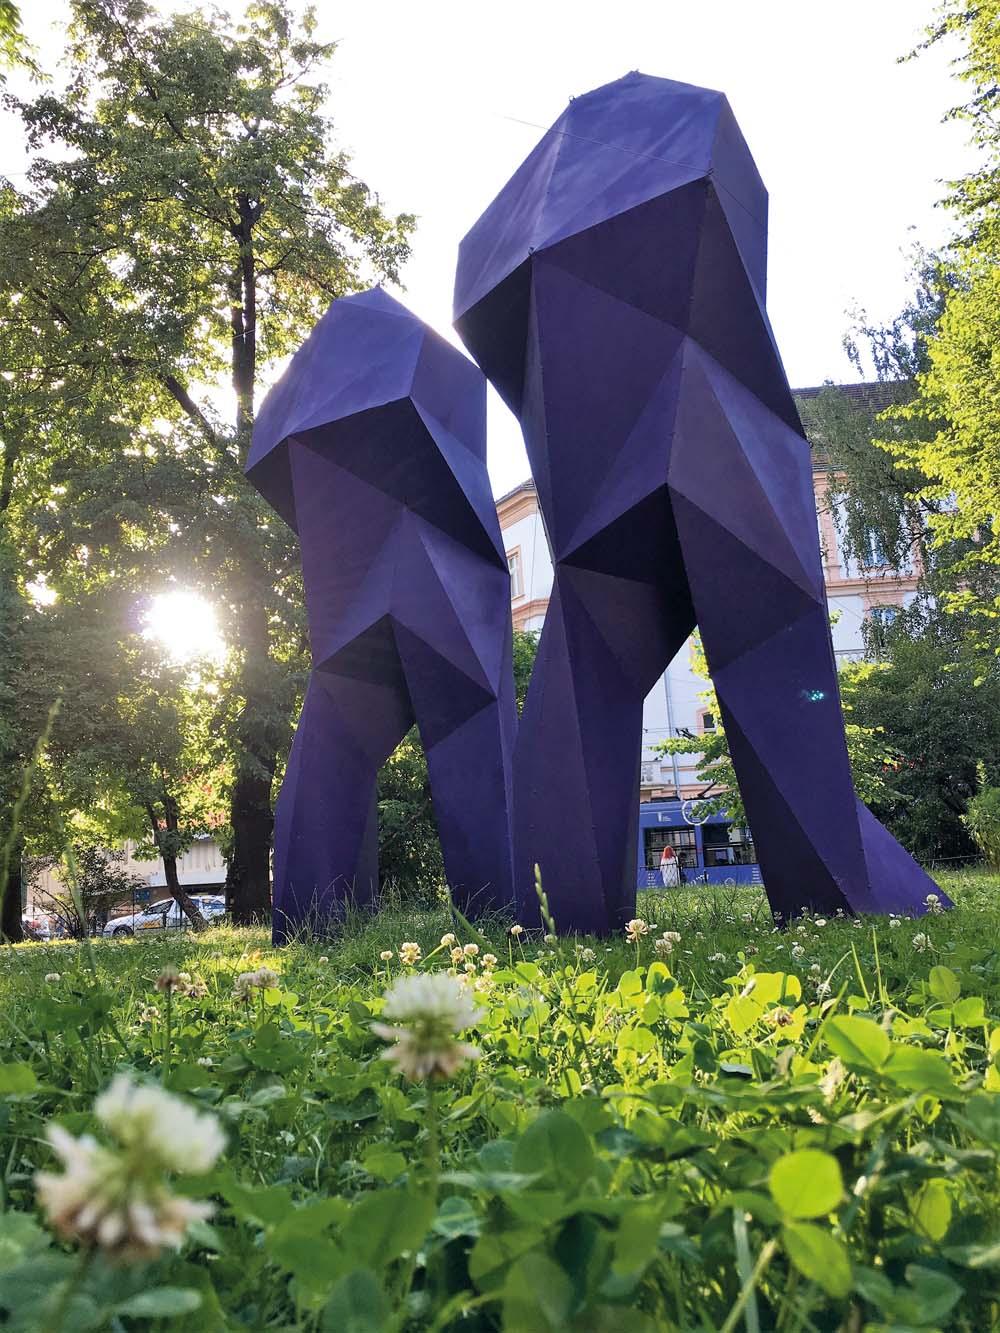 Paweł Orłowski, Boty Power Violet 2015, blacha stalowa, wysokość 320 cm, Krakowskie Spotkania Artystyczne 2017 – Konfiguracje, Planty w Krakowie